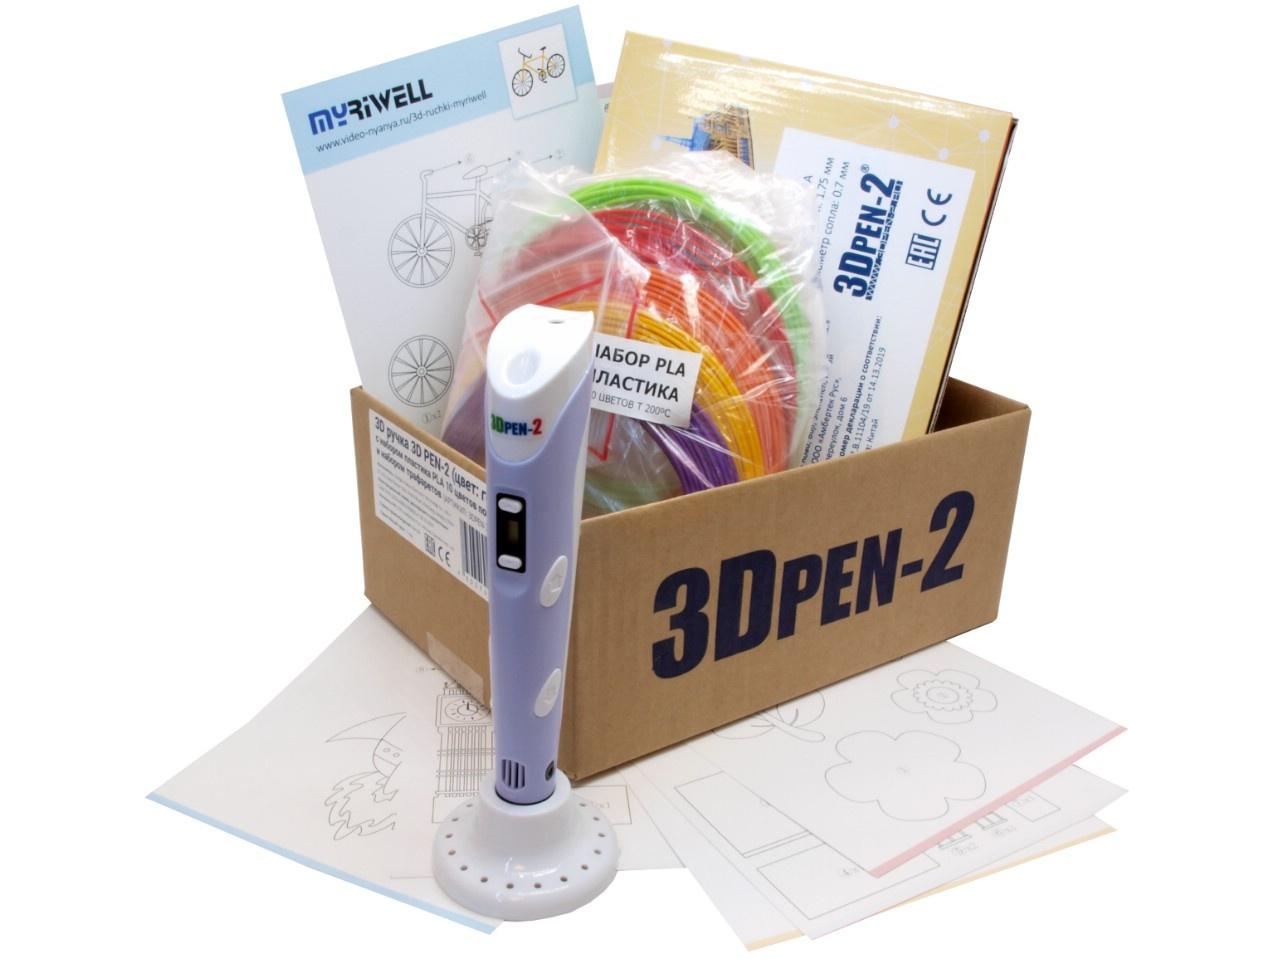 3D ручка 3DPEN-2 (цвет: фиолетовый) с набором пластика PLA 10 цветов по метров и трафаретов для ручек